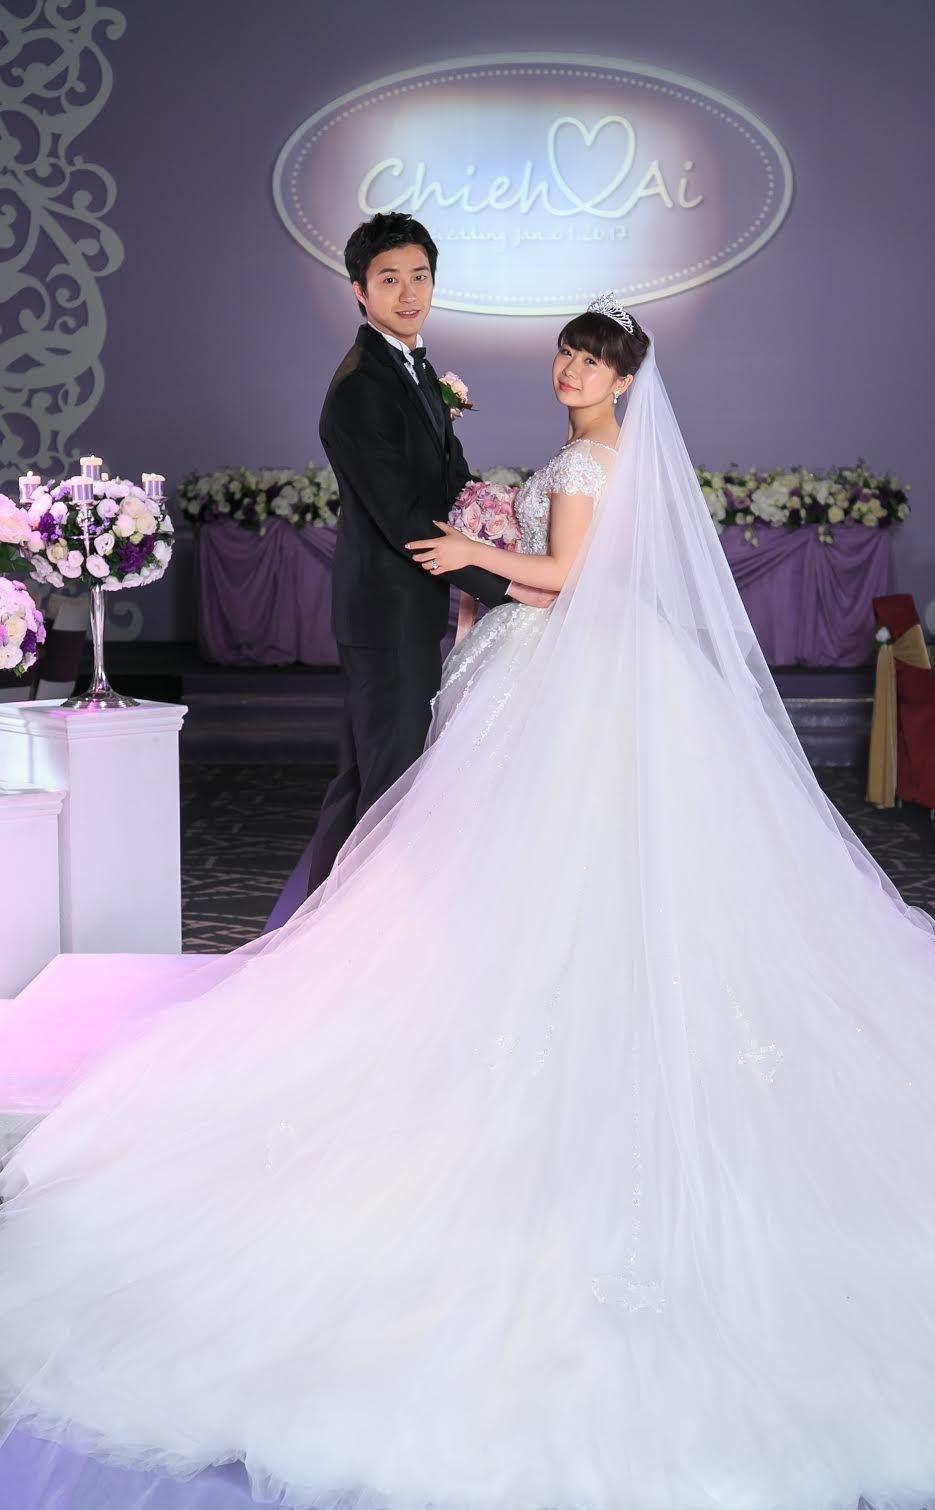 また幸せそうな福原愛さんの姿 でも なんで何度も結婚写真を撮ってるの 結婚式 芸能人 ウェディング 花嫁 ベール